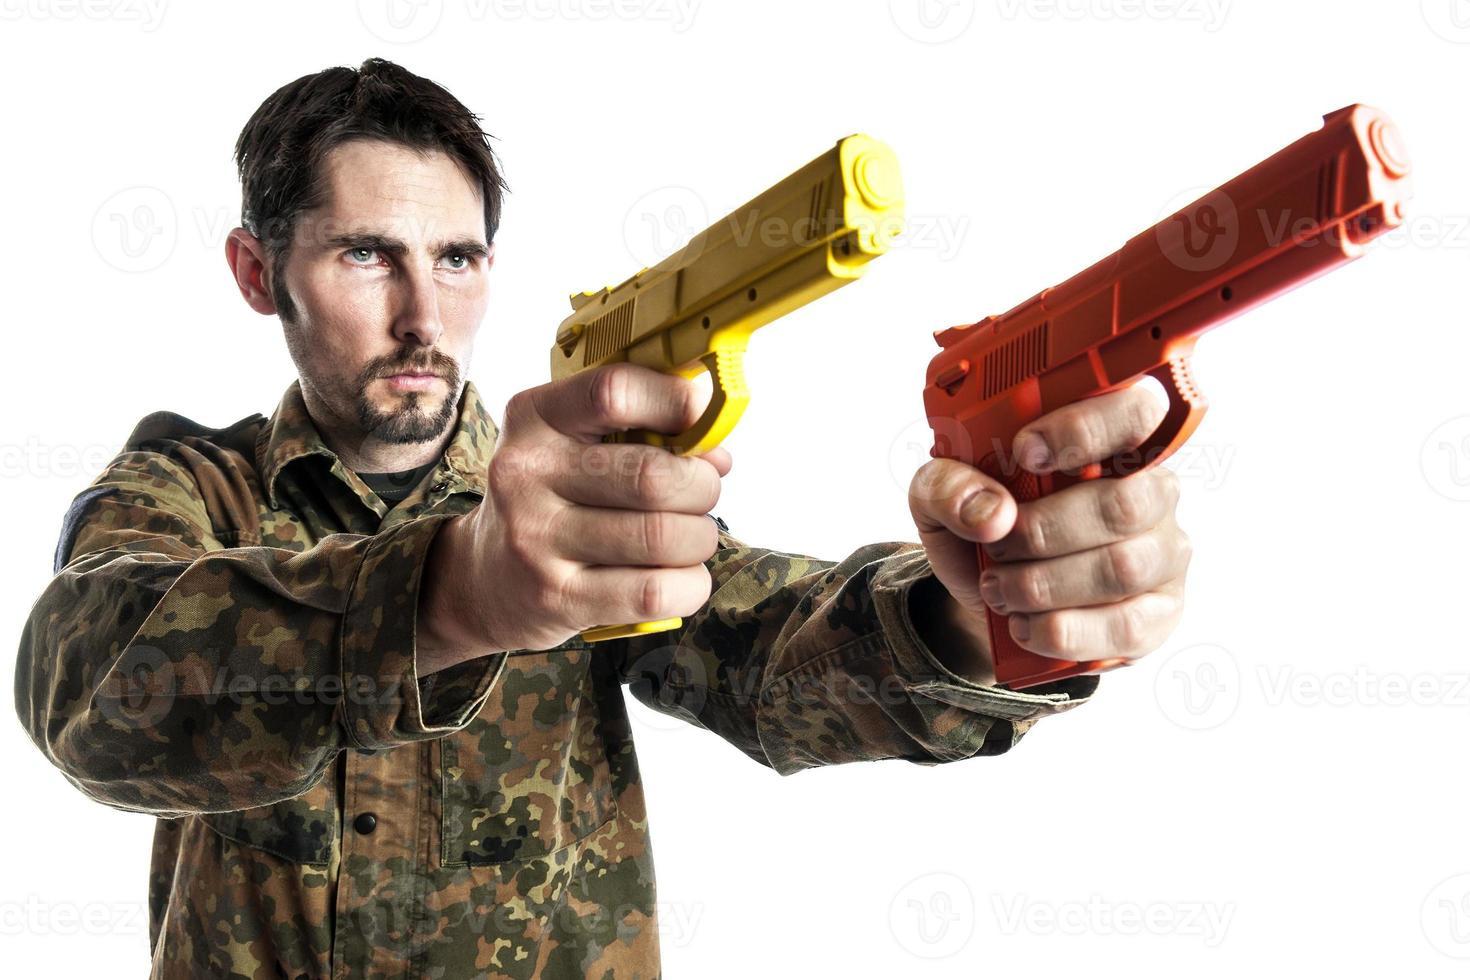 zelfverdediging instructeur met training pistool foto